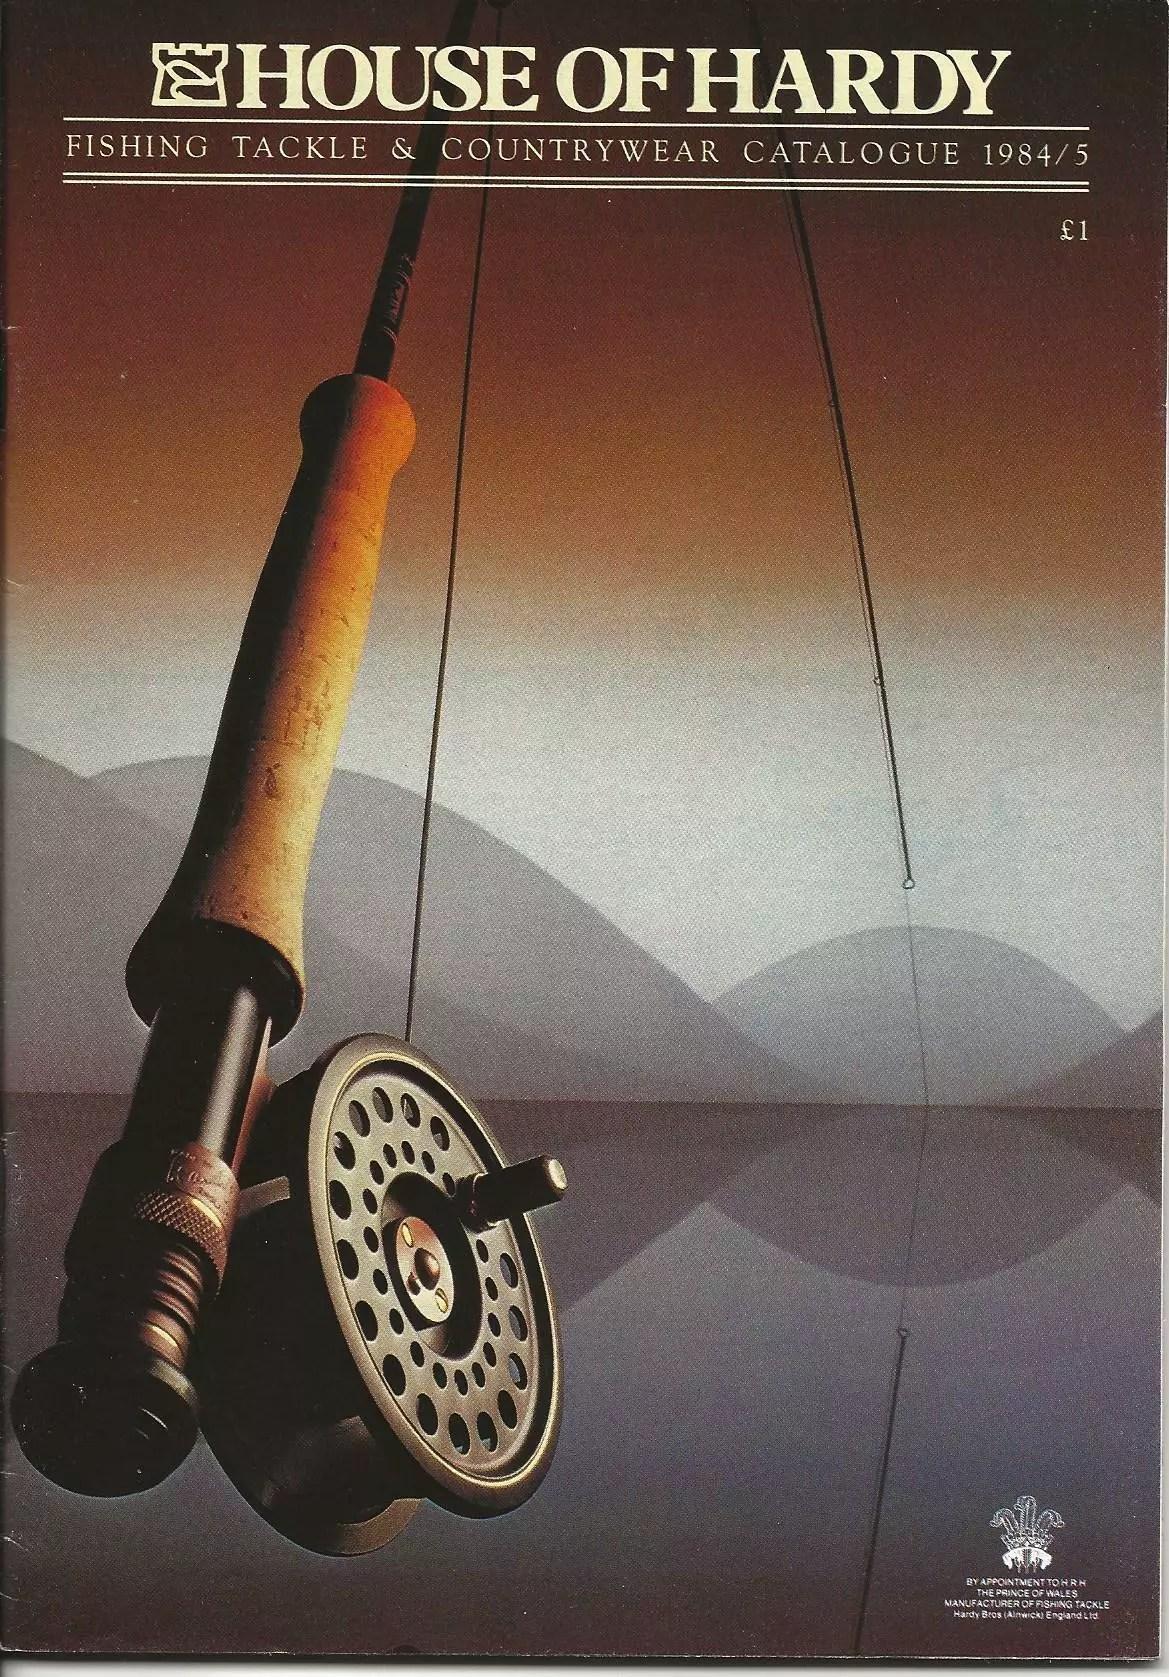 1984 catalog cover